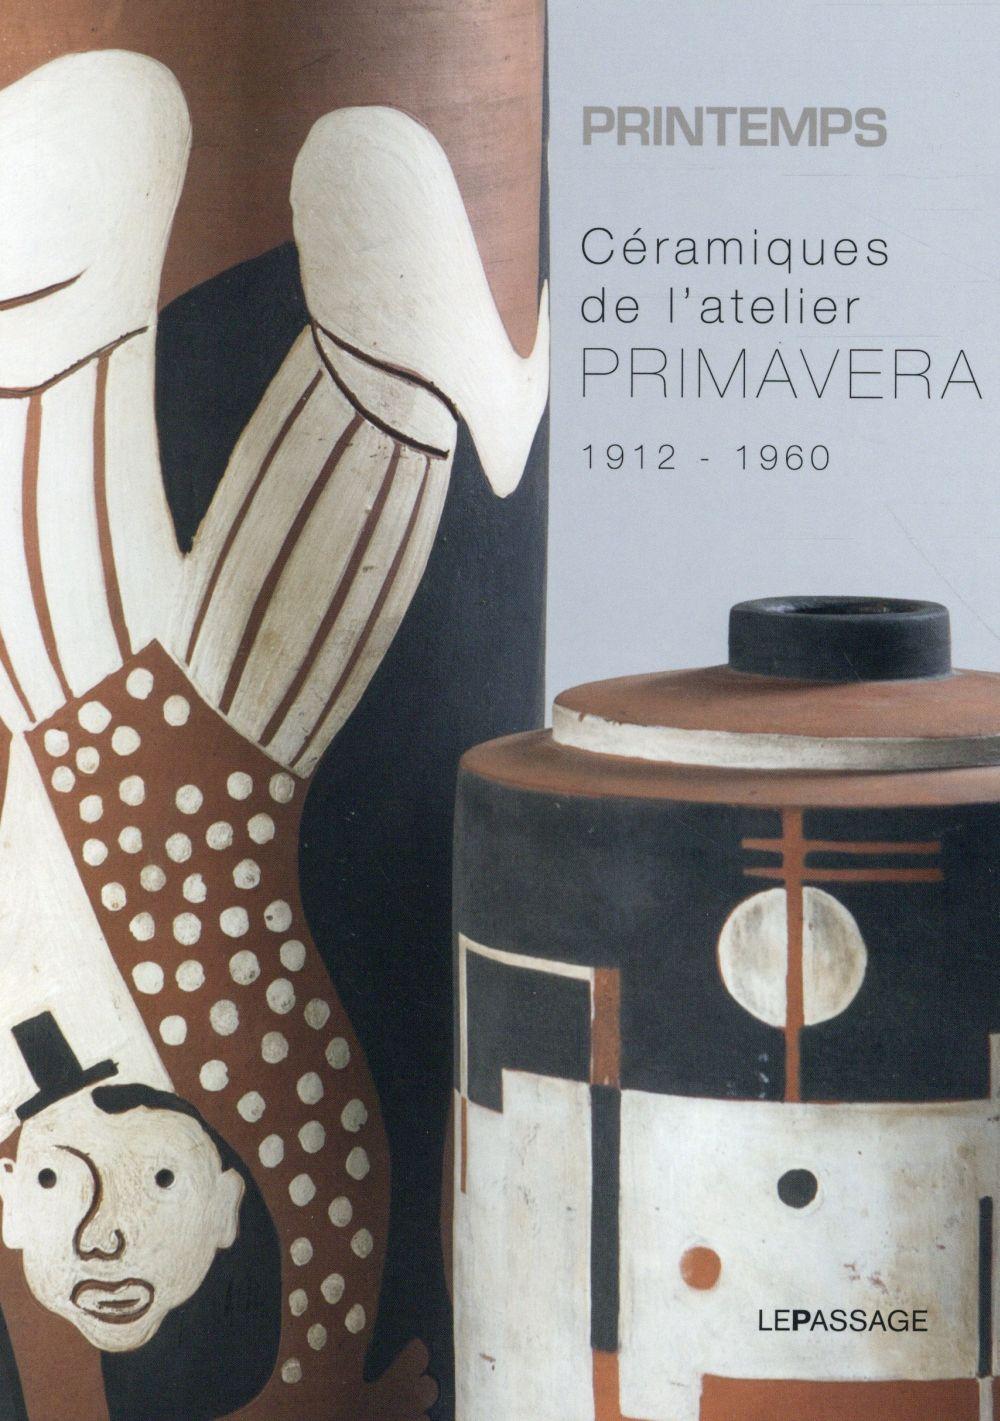 CERAMIQUES DE L'ATELIER PRIMAVERA, 1912-1960